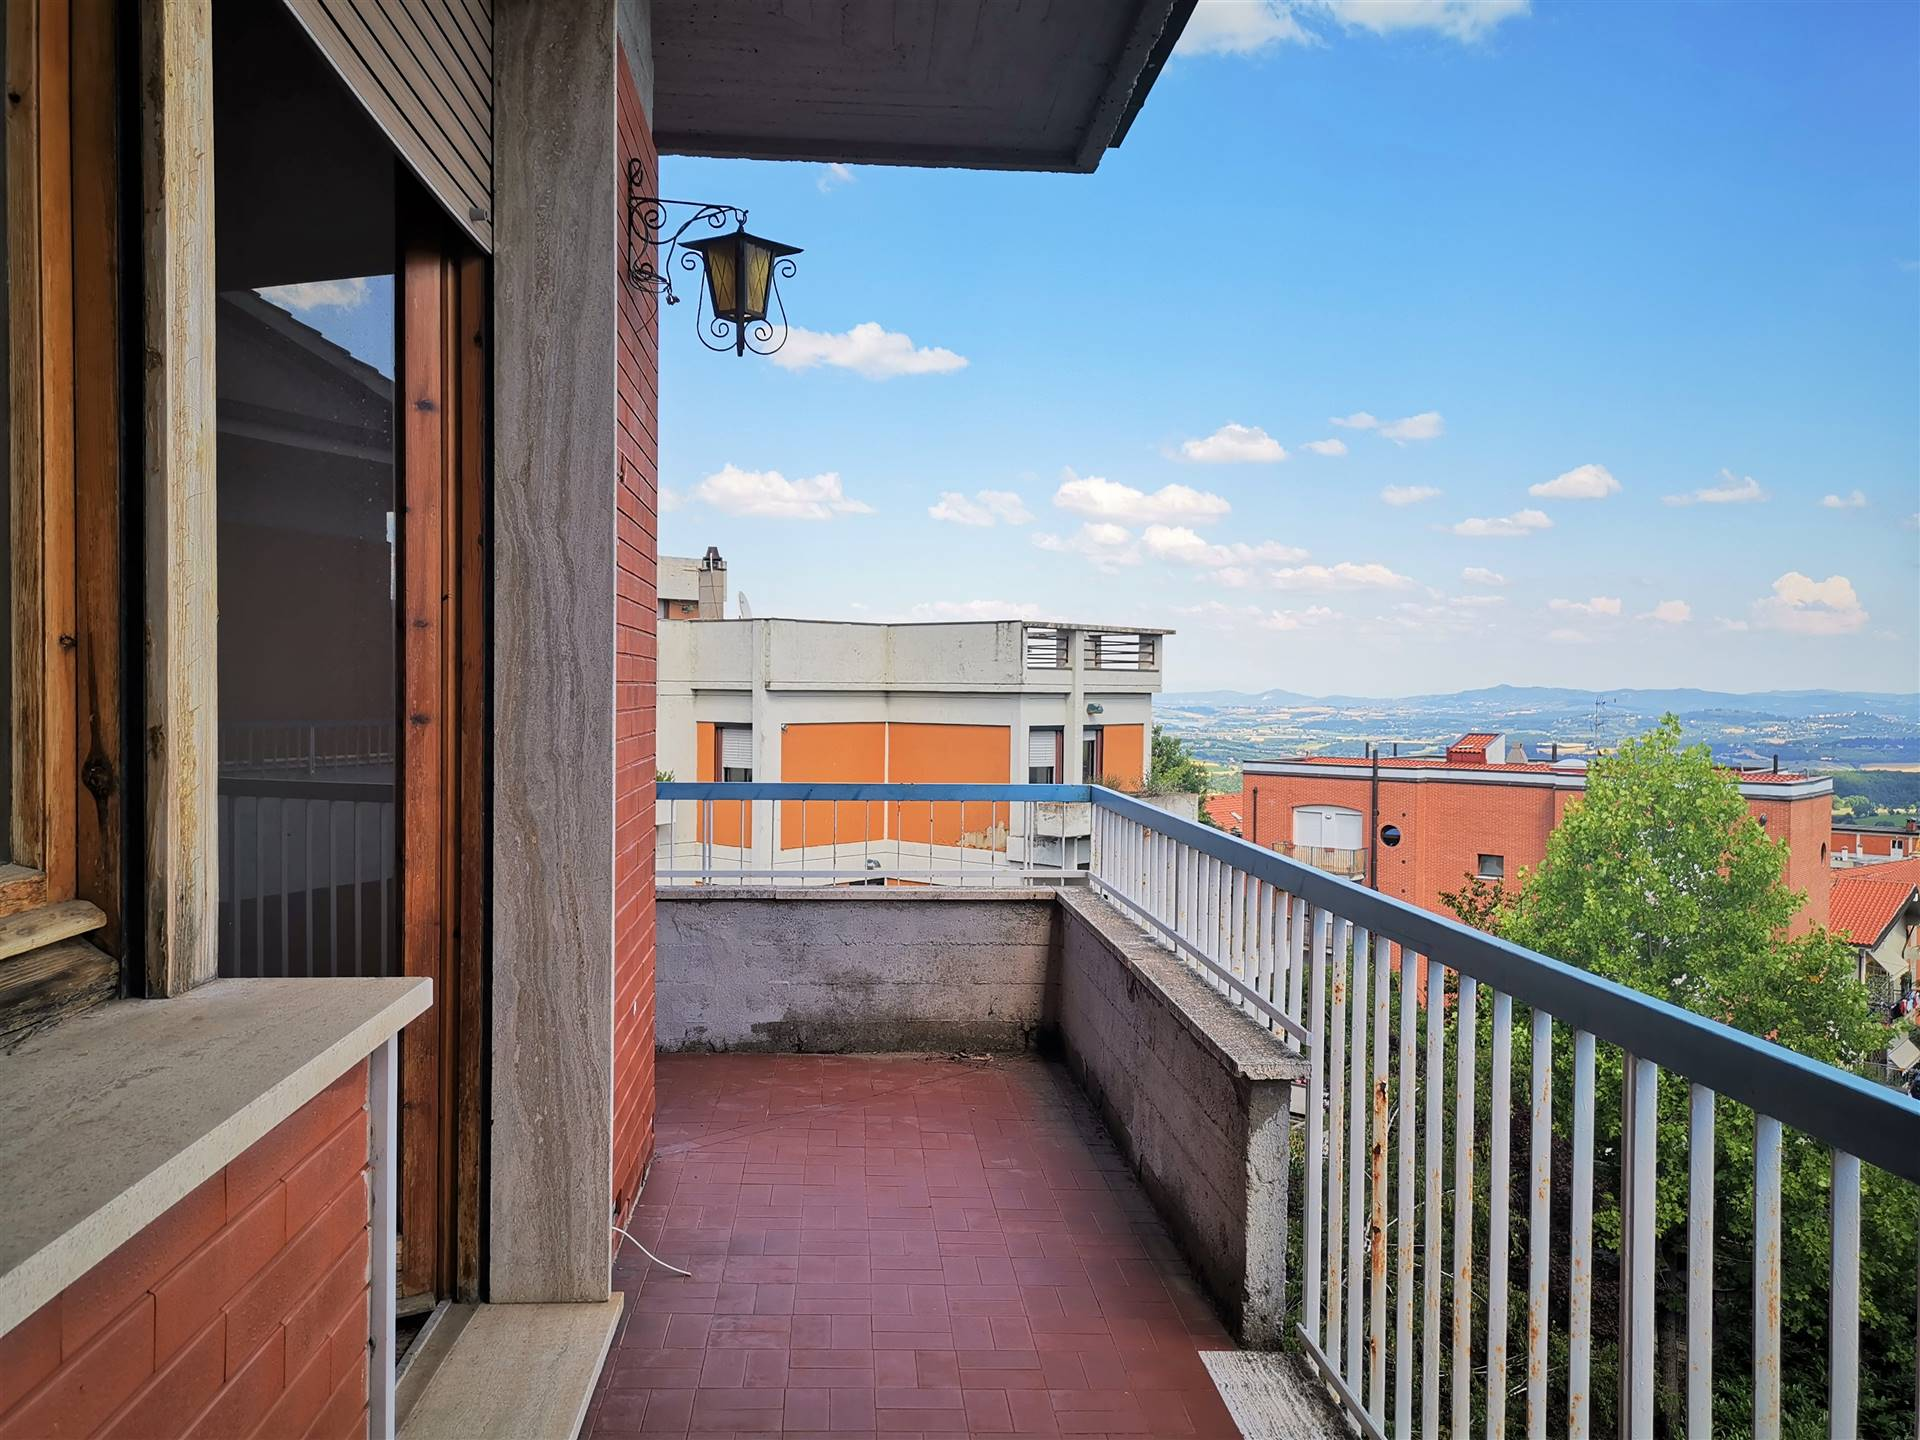 Appartamento in vendita a Chianciano Terme, 4 locali, prezzo € 79.000   PortaleAgenzieImmobiliari.it